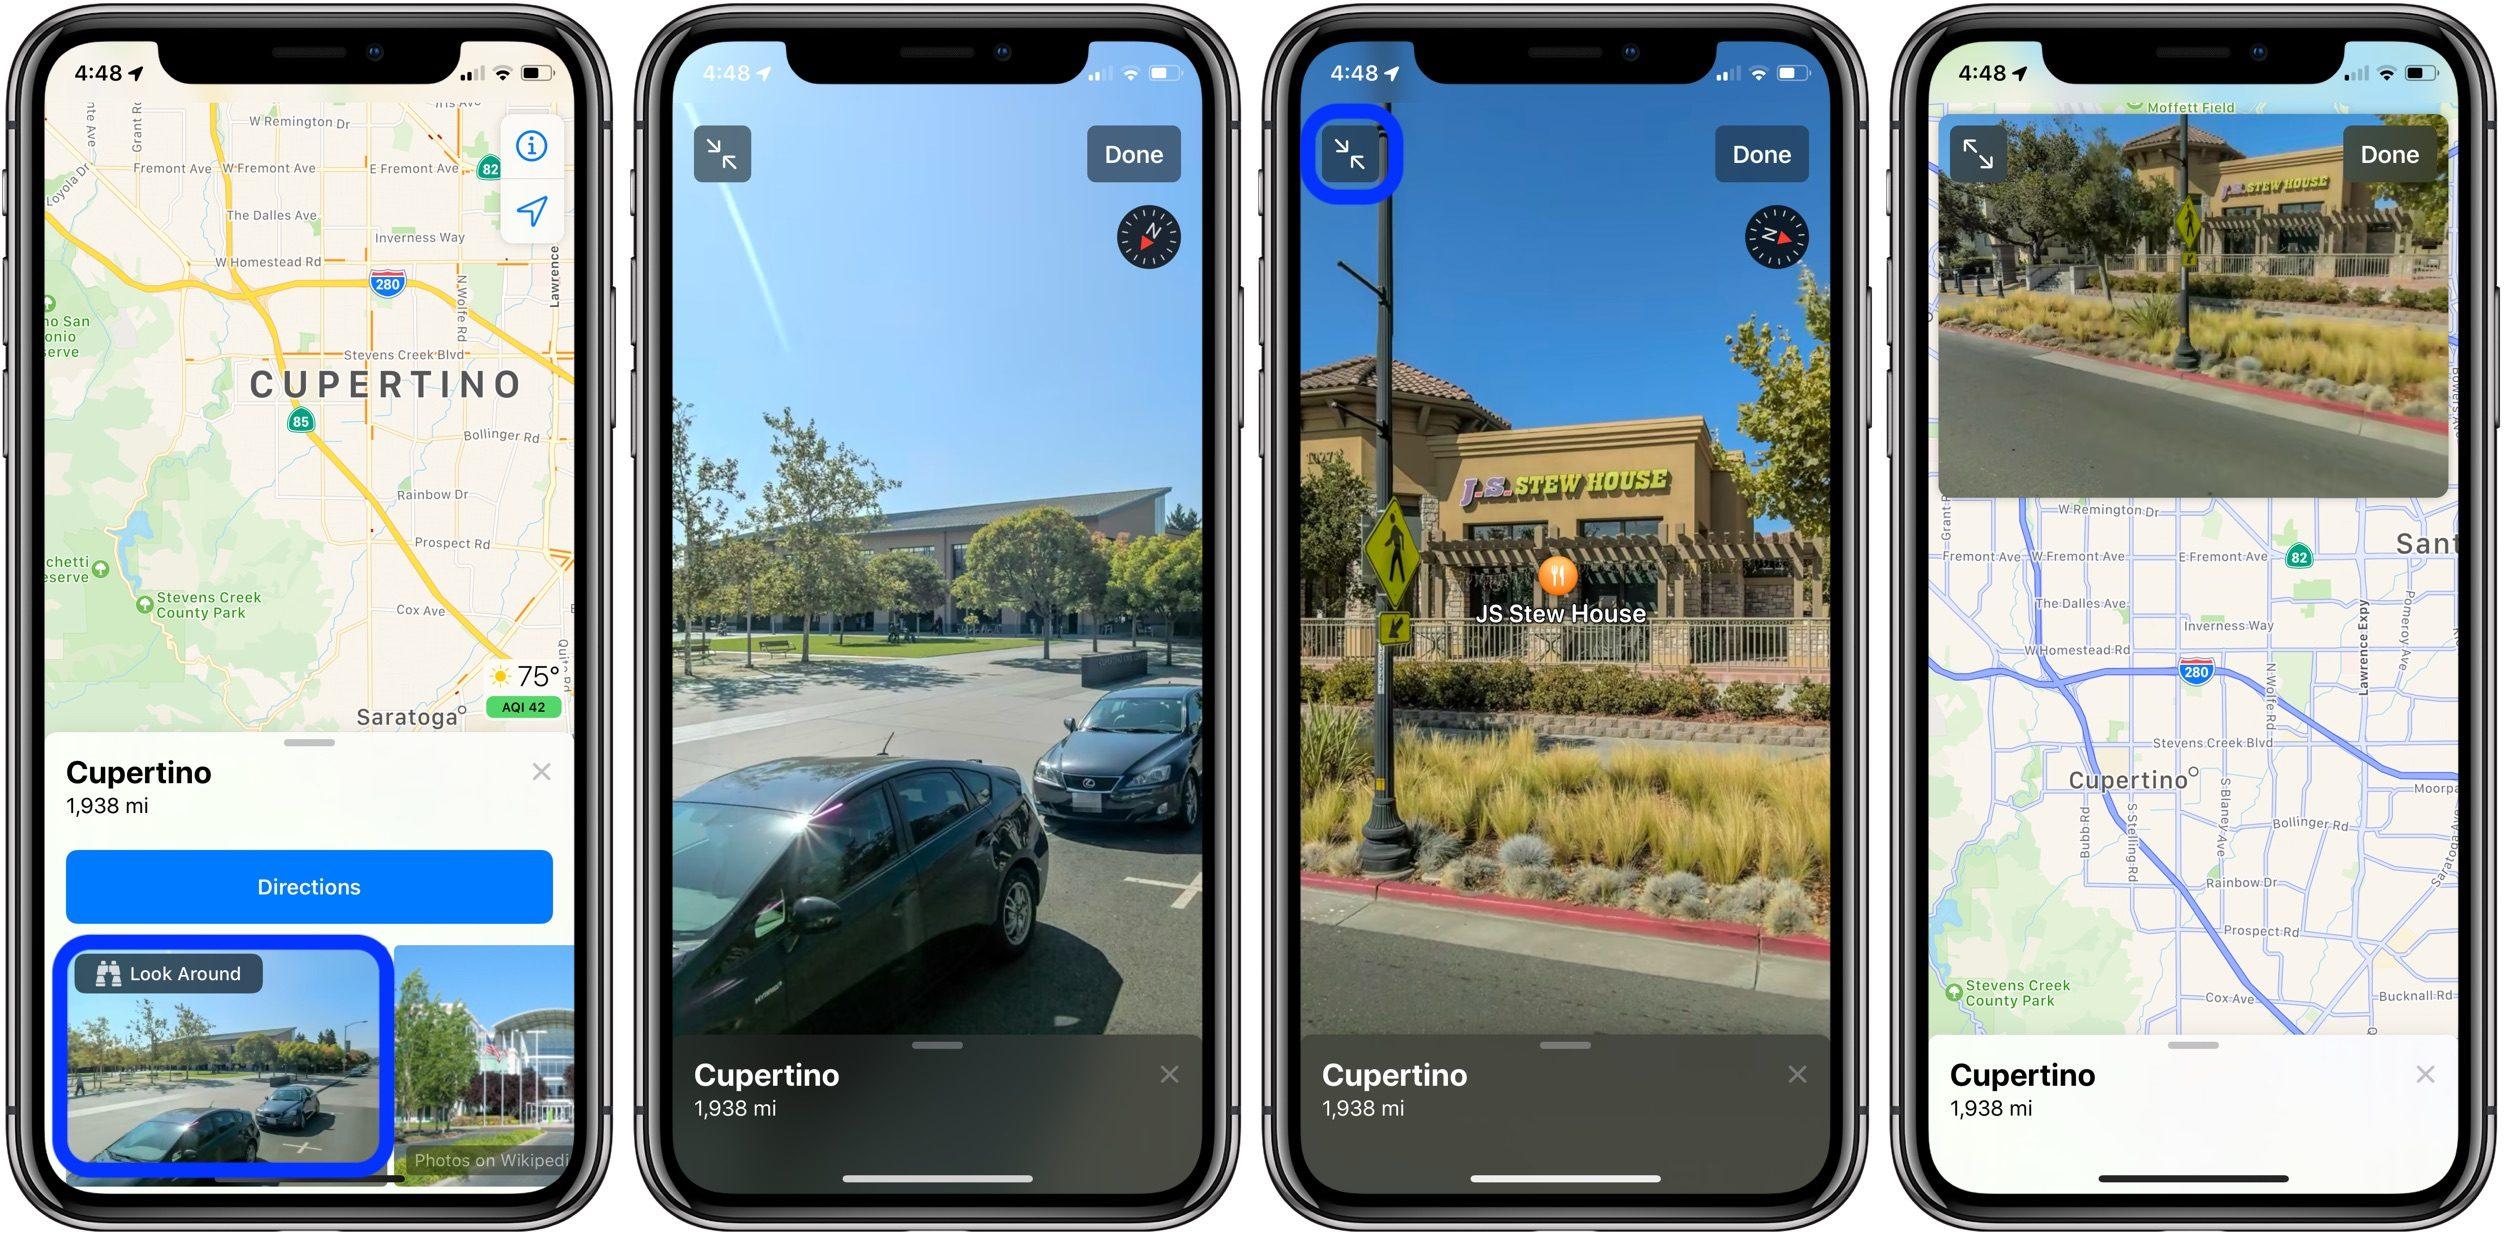 """<span href=""""https://9to5mac.com/2019/06/06/street-view-look-around-apple-maps/"""">Cómo usar la nueva Vista a la Calle-como """"Mirar Alrededor"""" característica en Mapas de Apple en iOS 13</a>"""